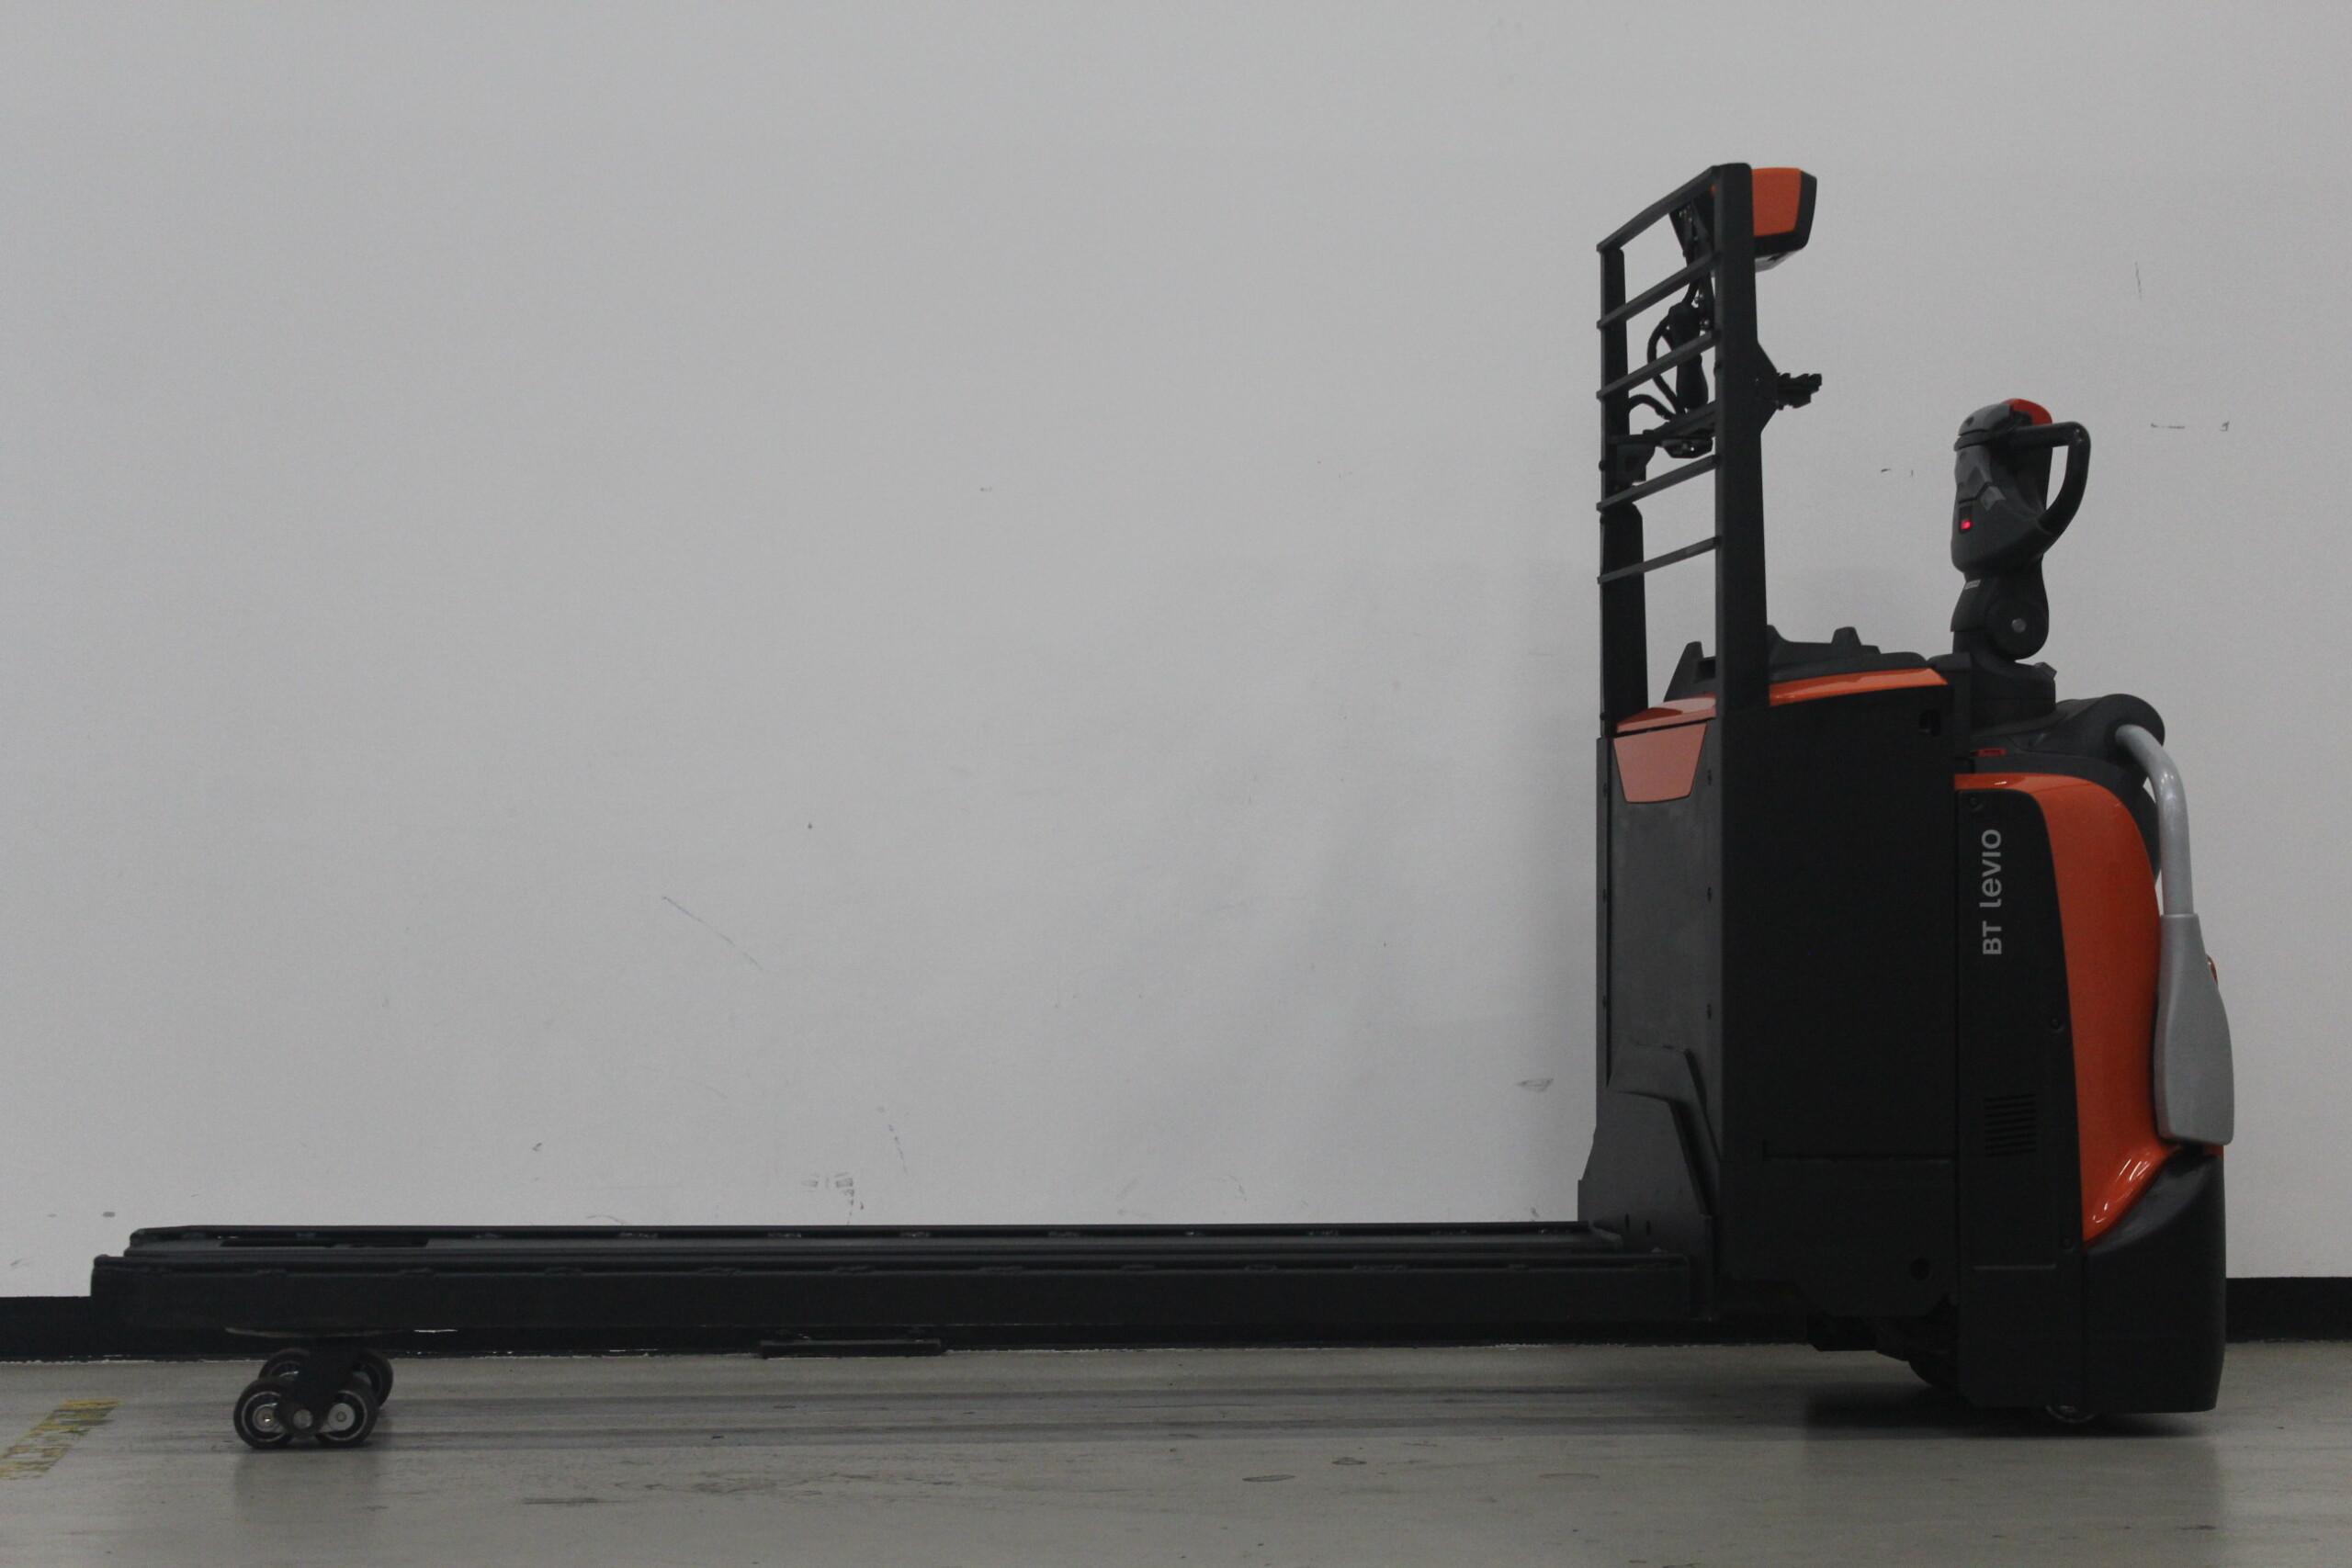 Toyota-Gabelstapler-59840 1503026853 1 28 scaled